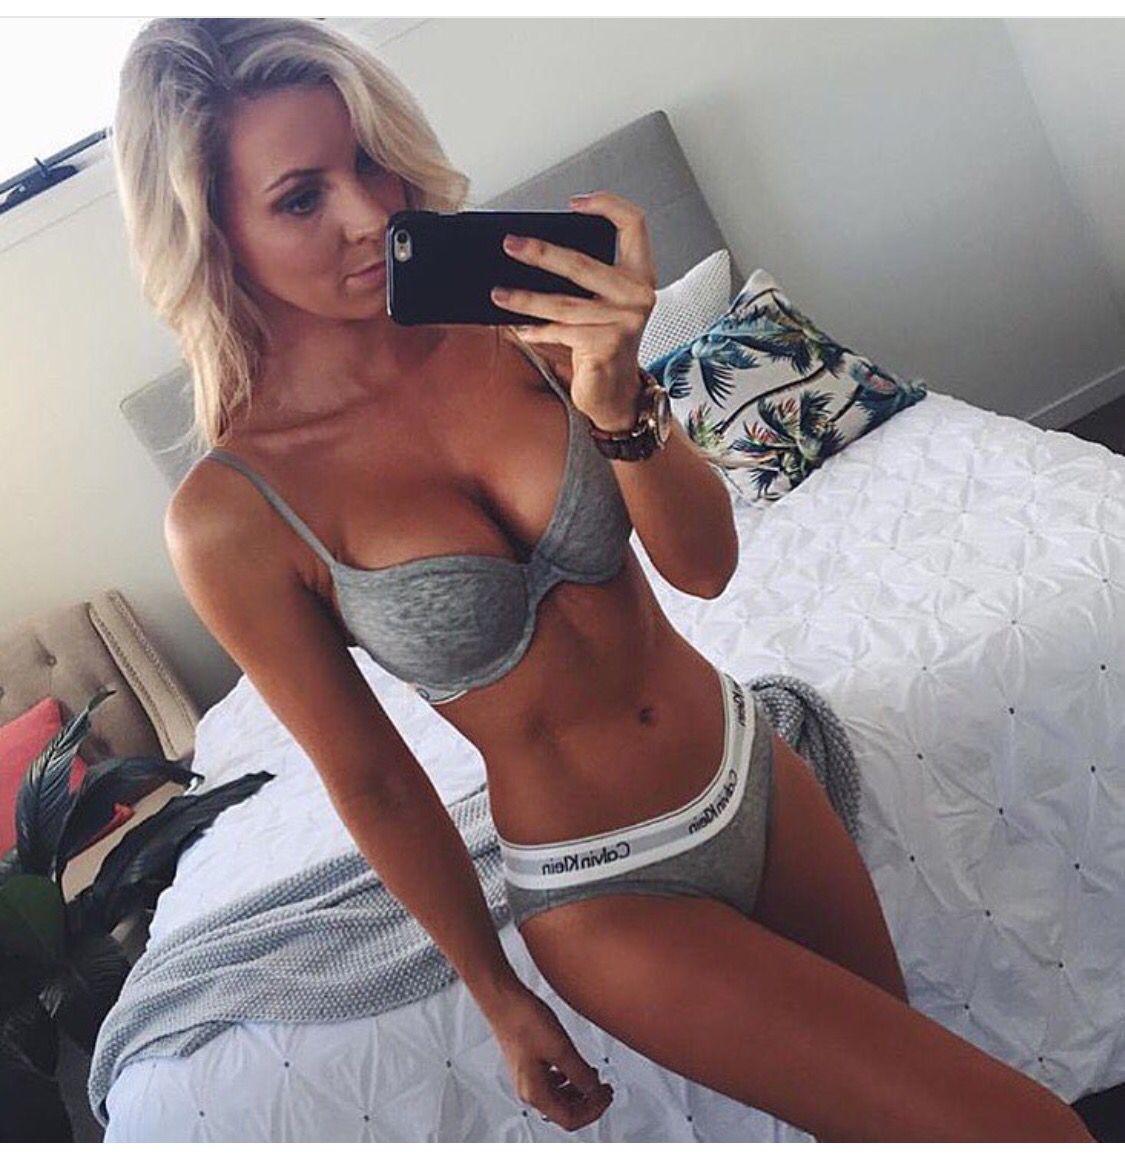 Damen mit sexy Körpern